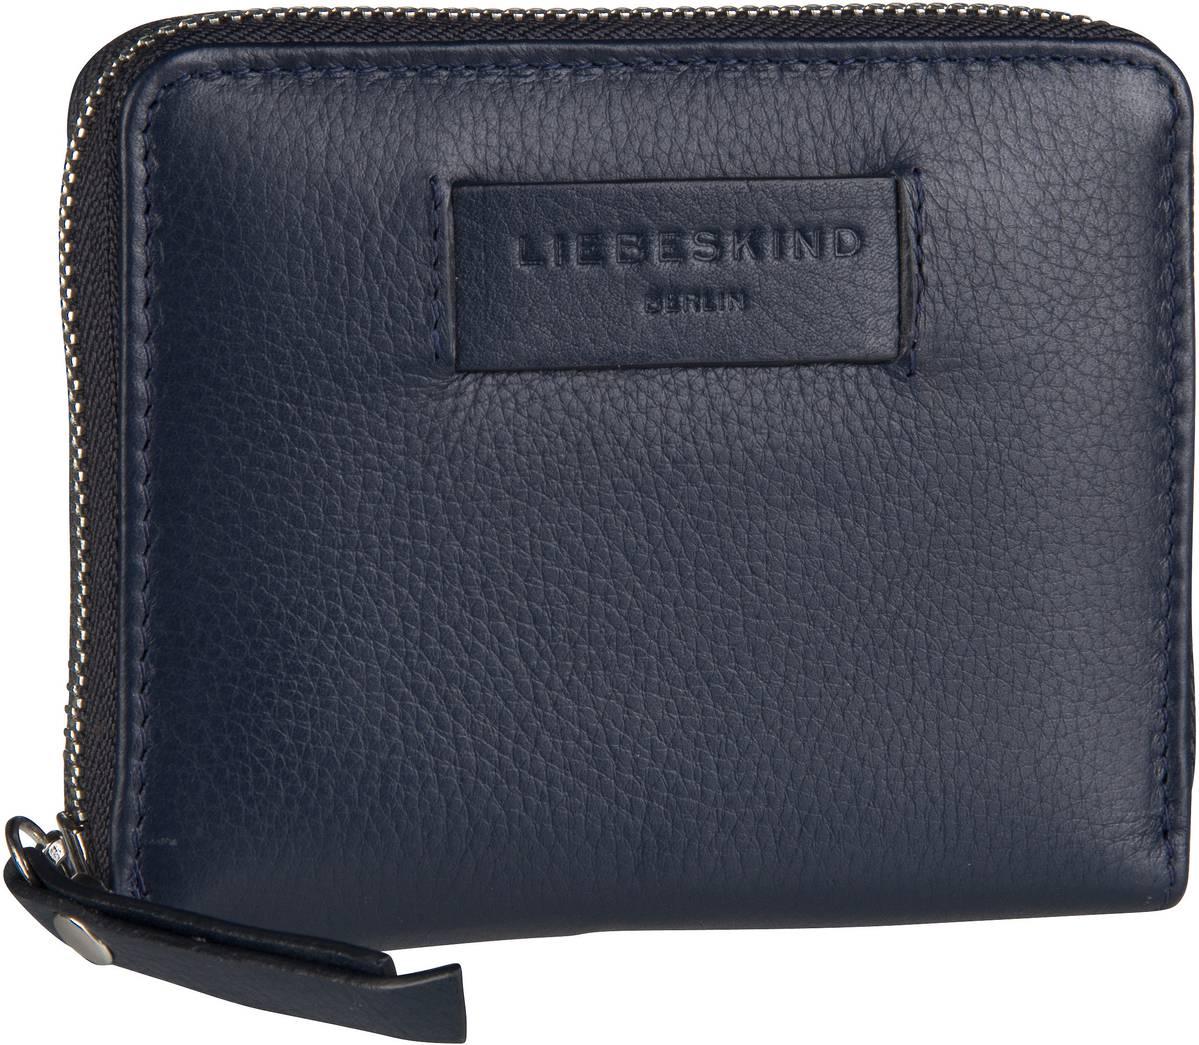 Liebeskind Berlin Geldbörse Essential Conny Wallet M Navy Blue